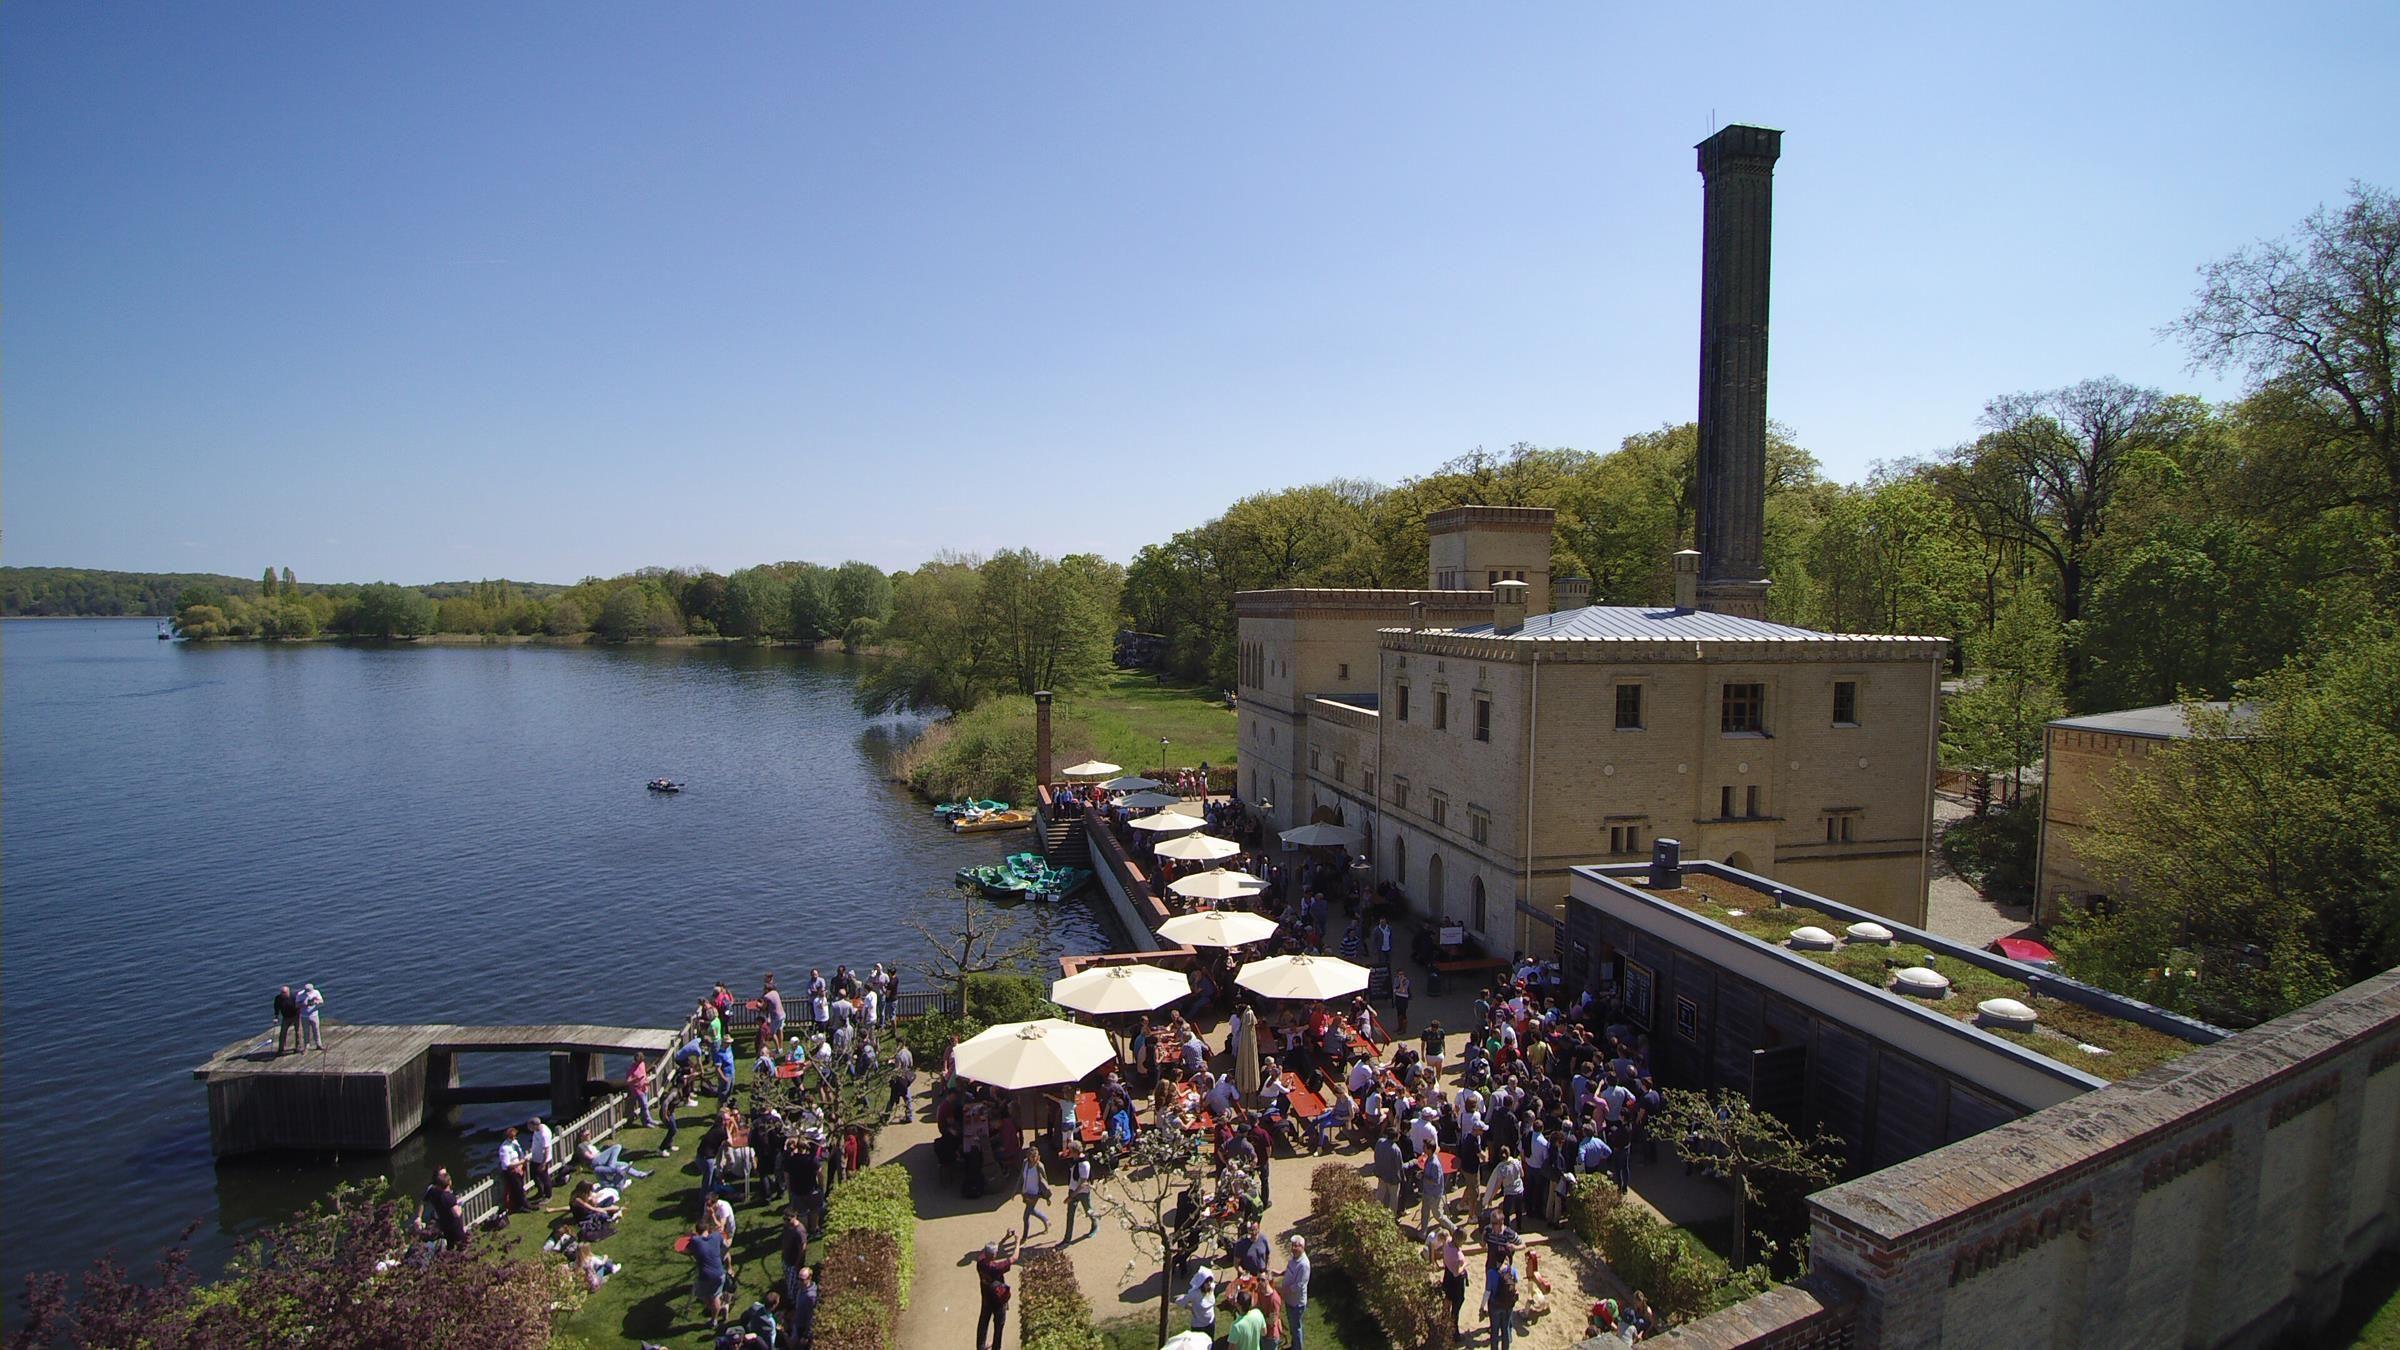 Brauerei Potsdam Restaurants In Potsdam Ab In Den Urlaub